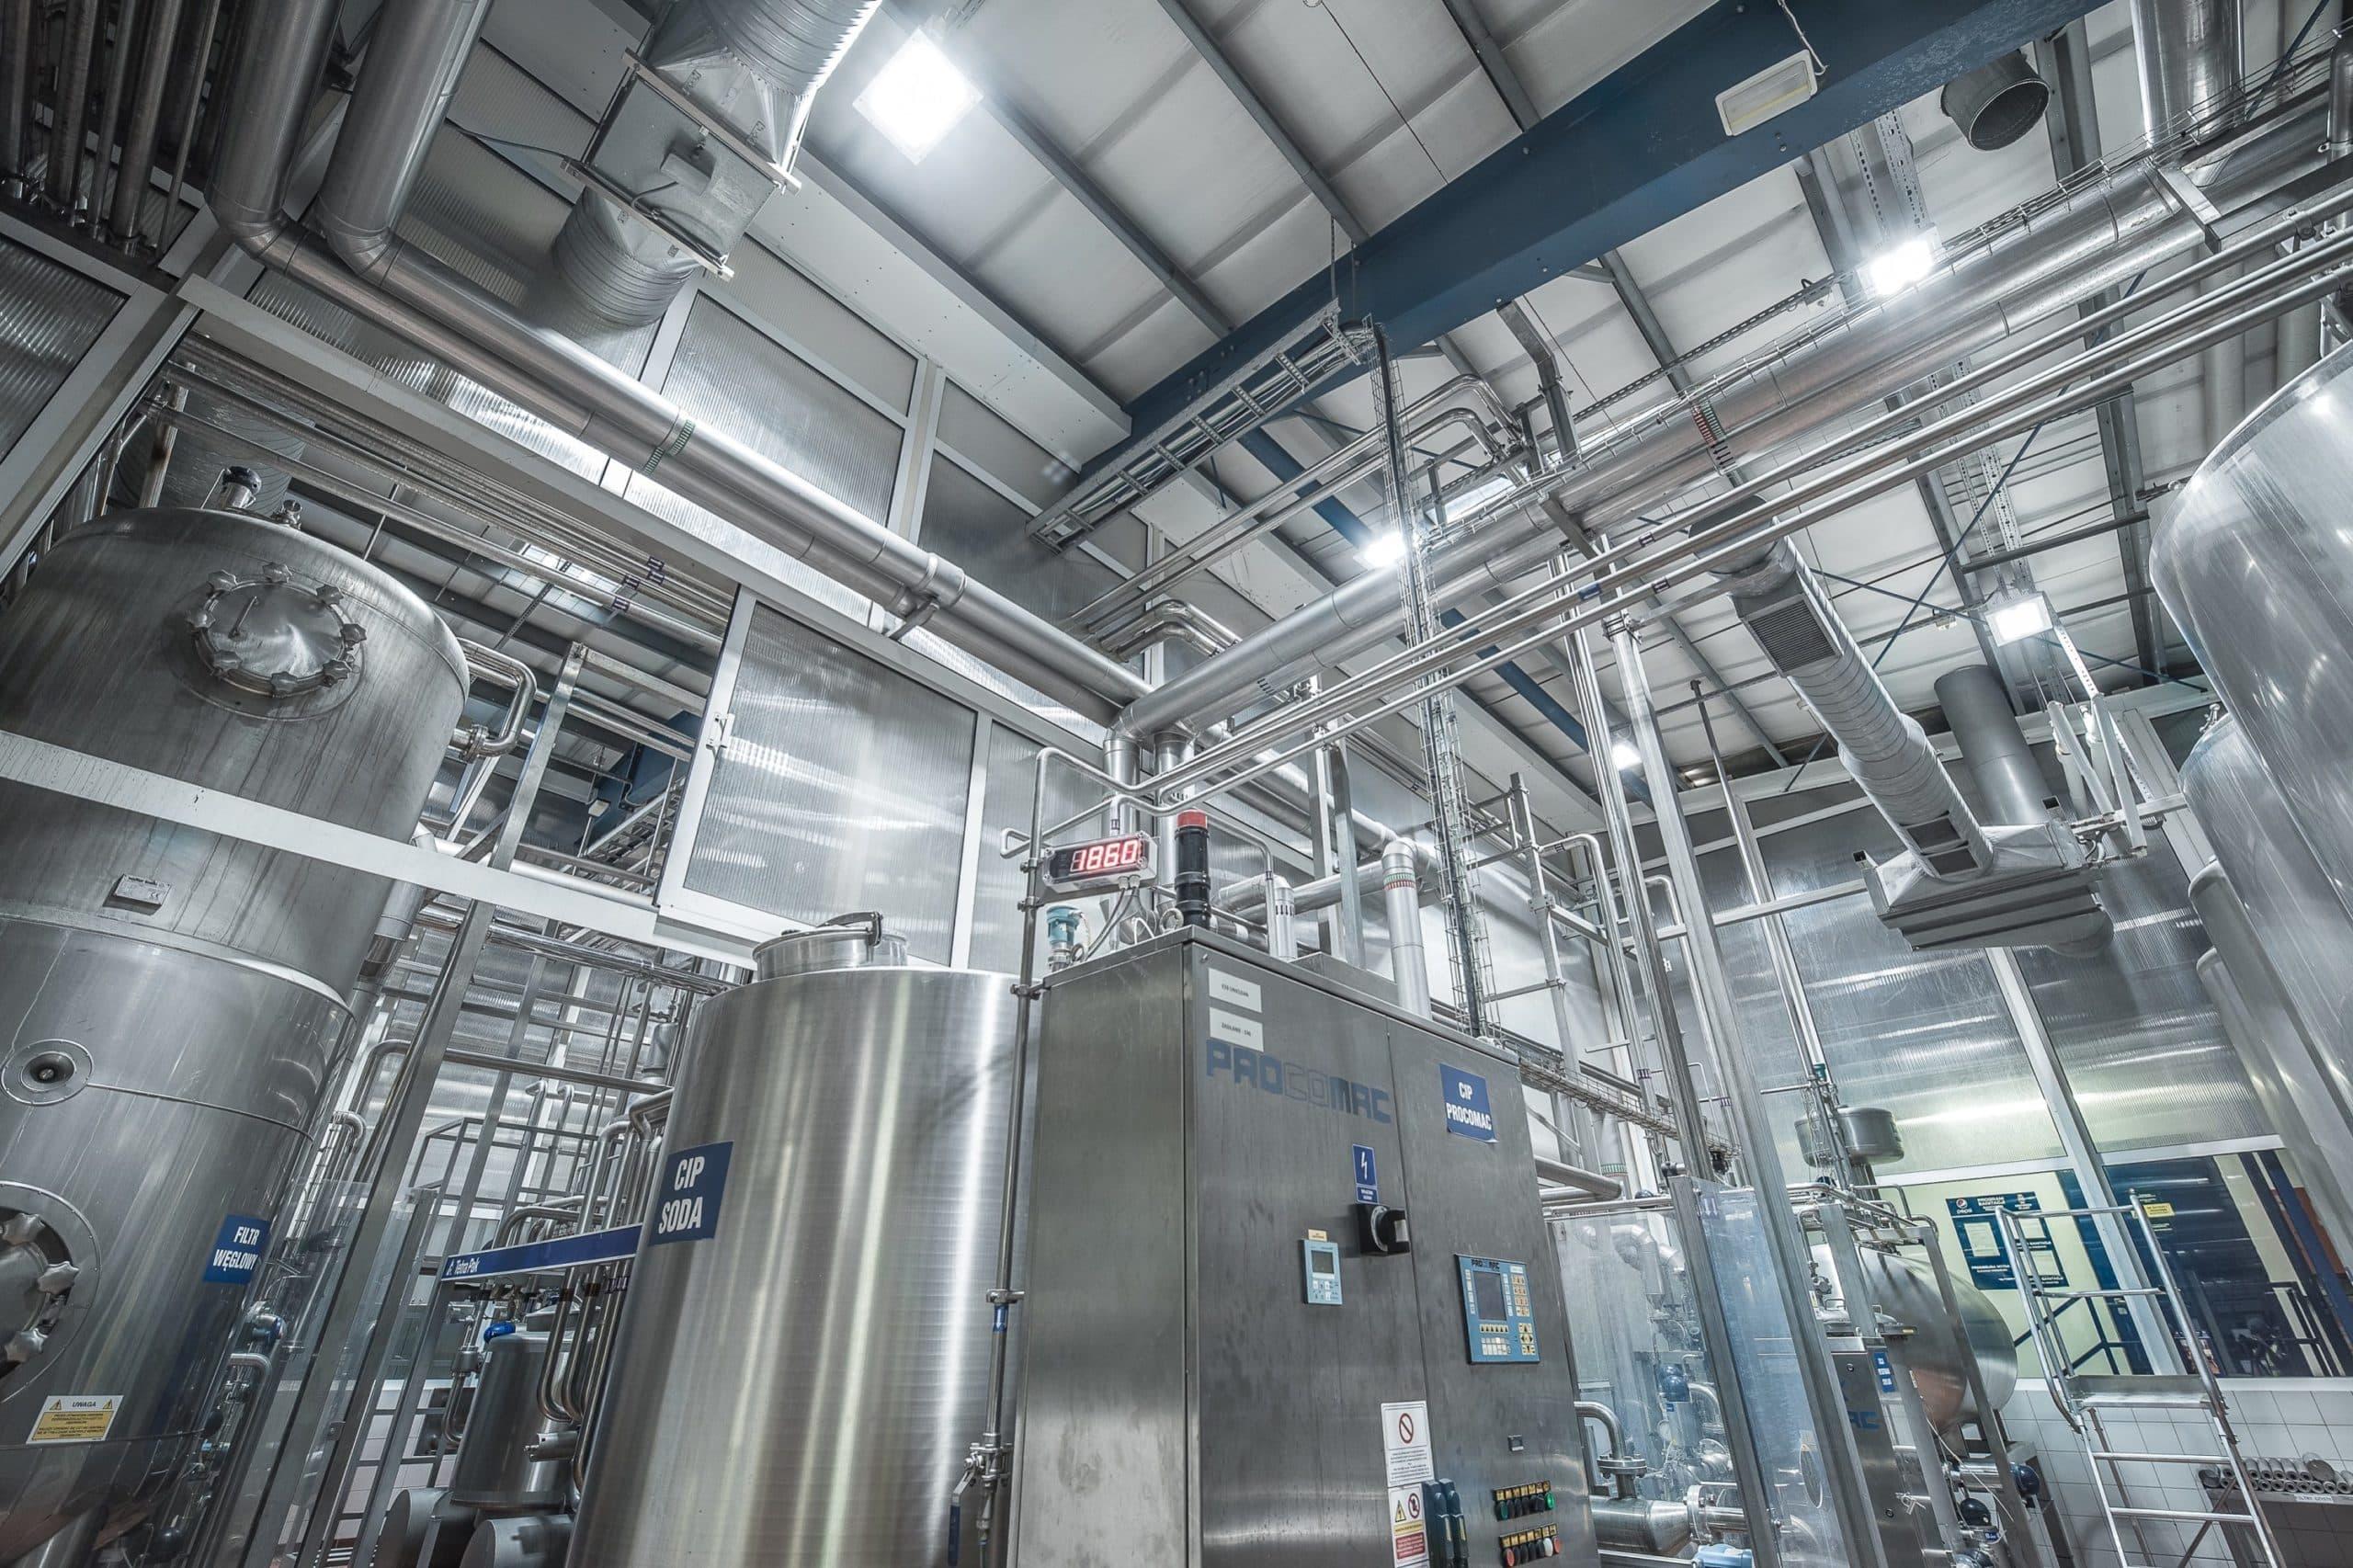 Oprawa Highbay w części przemysłowej firmy Pepsico - Luxon LED